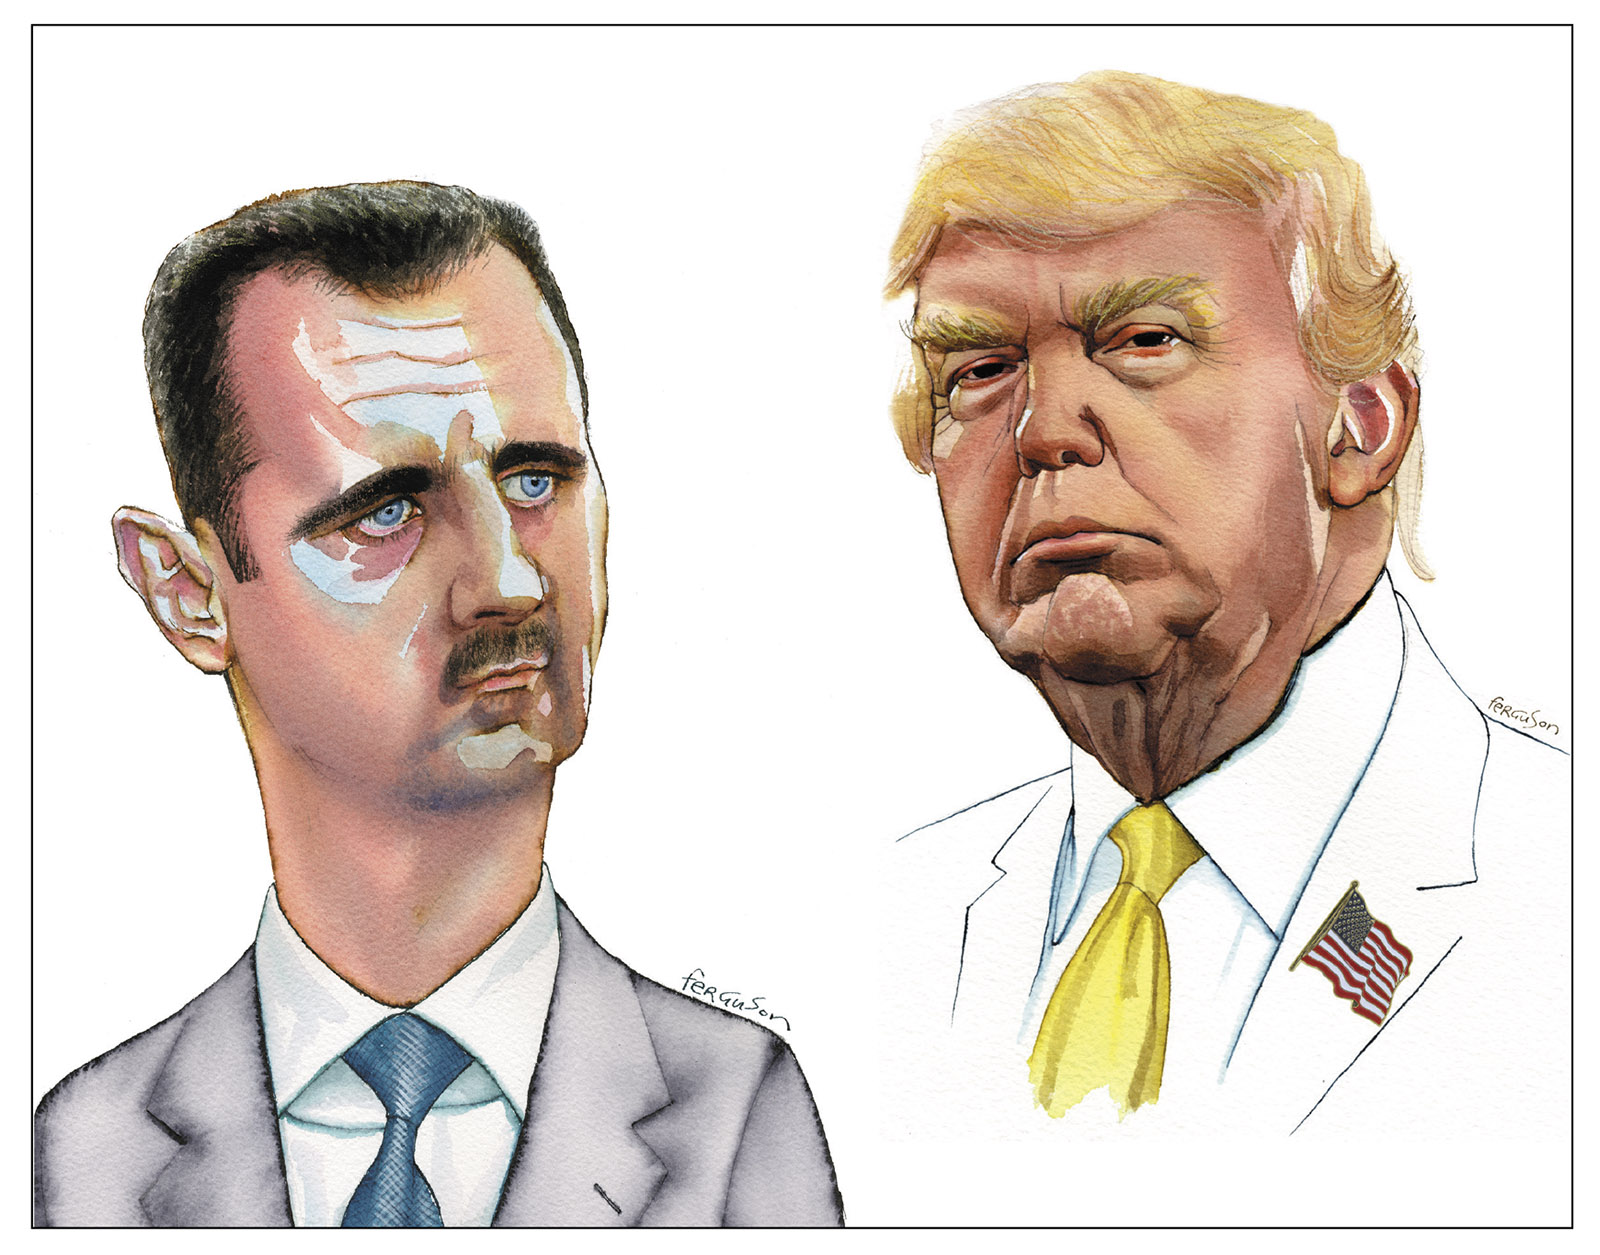 Bashar al-Assad and Donald Trump